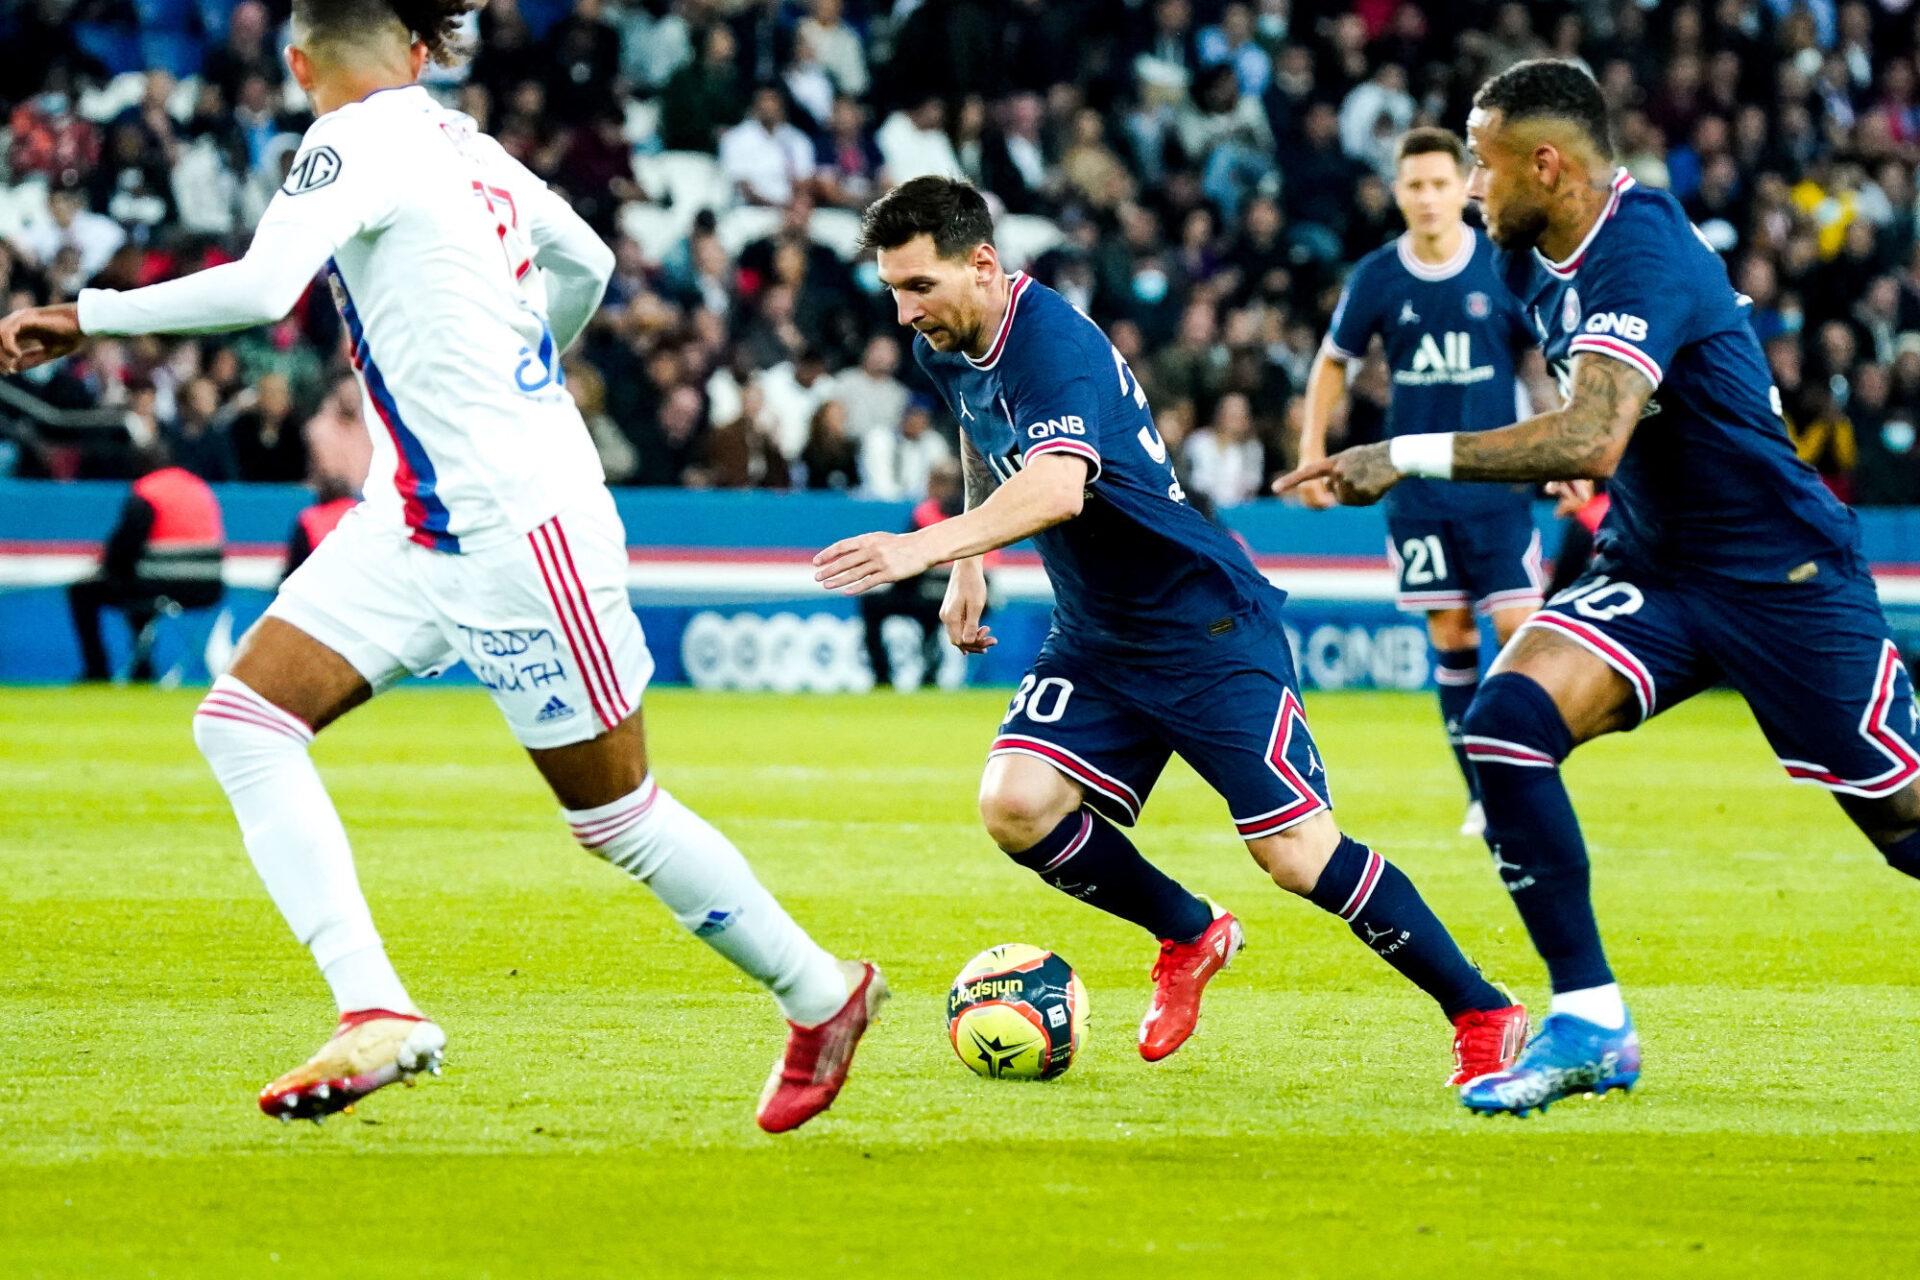 Lionel Messi a vécu sa grande première au Parc des Princes. Il a failli marquer à la 37e minute mais son coup franc, qui avait laissé Lopes pantois, s'est heurté à la barre transversale. Icon Sport